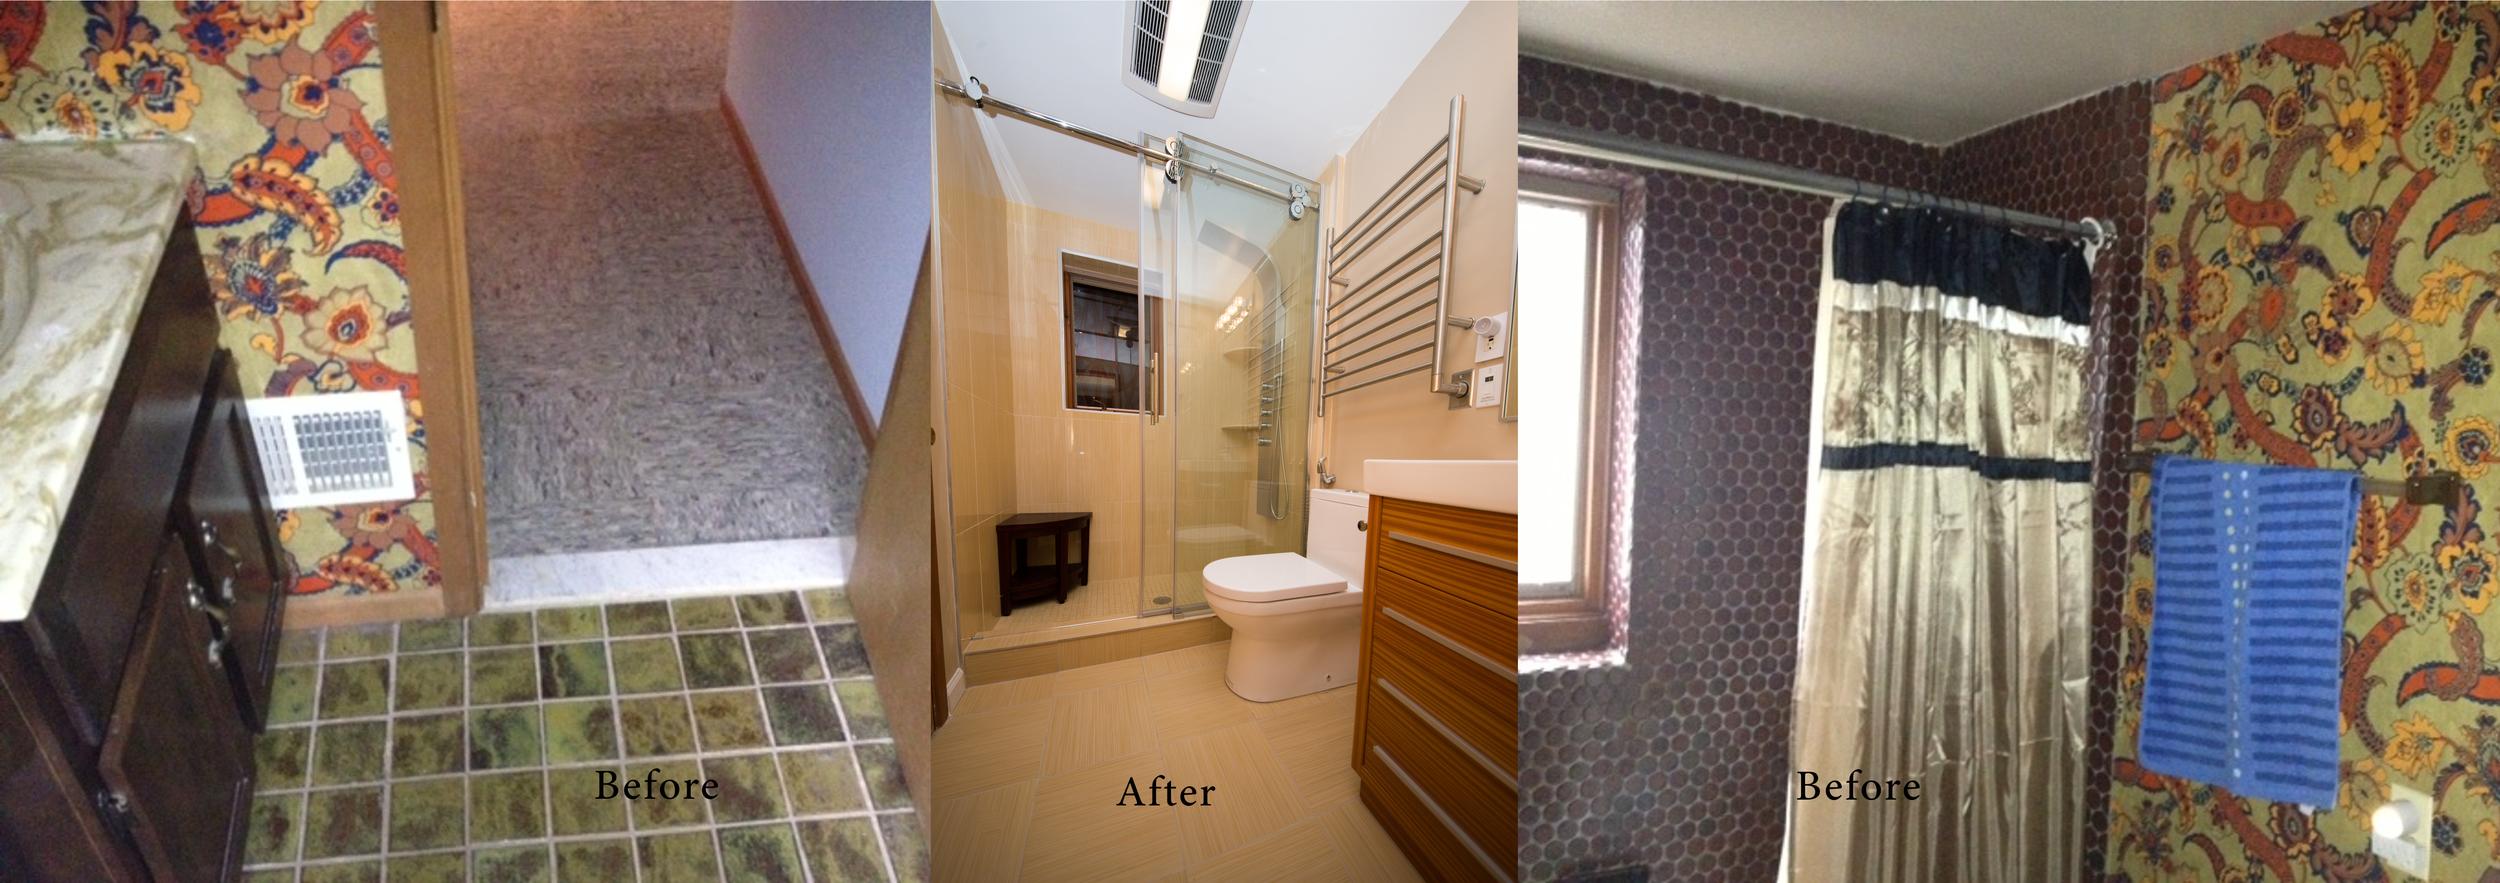 Bathroom remodeling Bethesda, MD